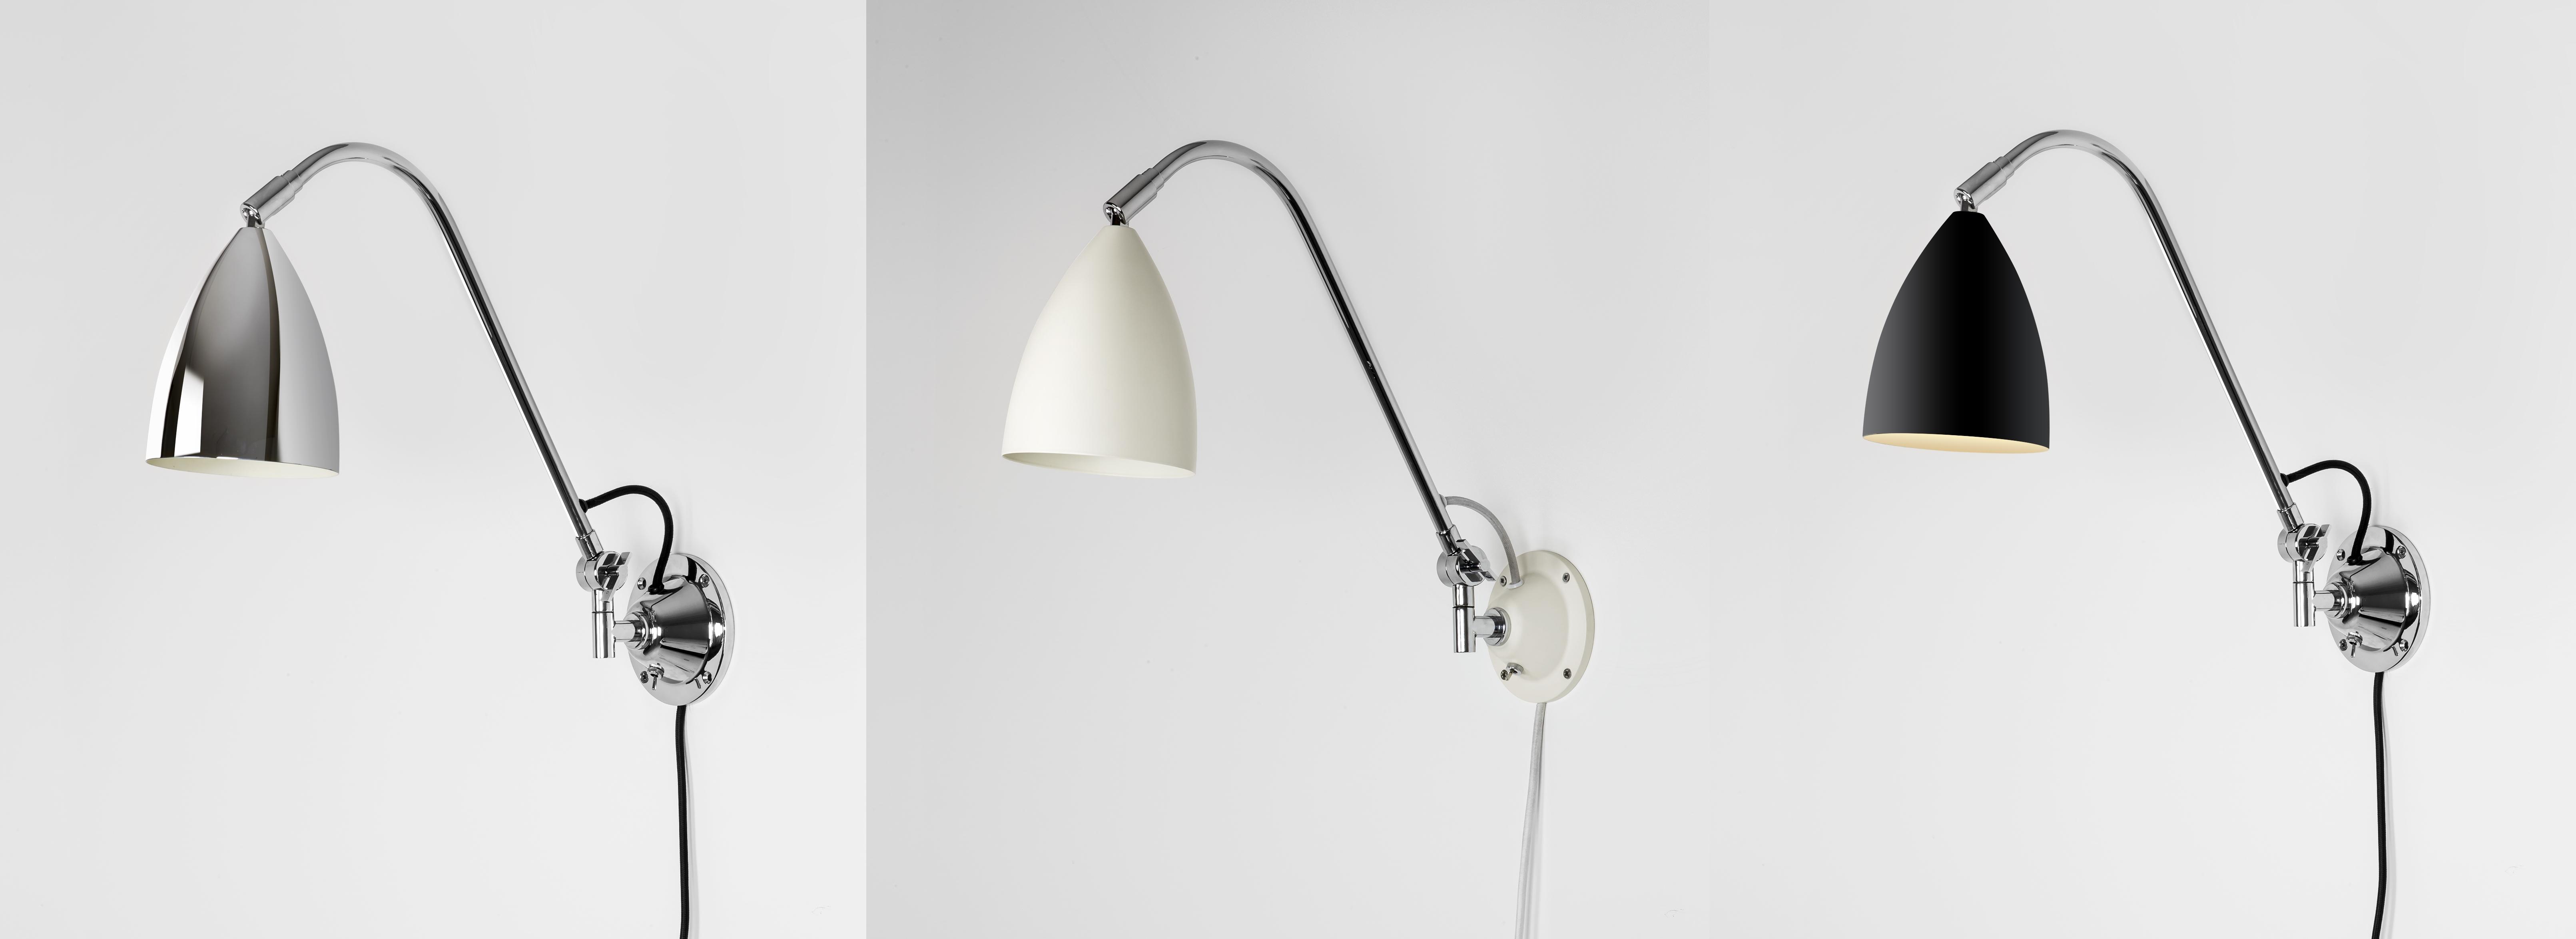 Wall Reading Light Nz : Astro Joel Grande switched adjustable wall light reading light 42W E27 eBay